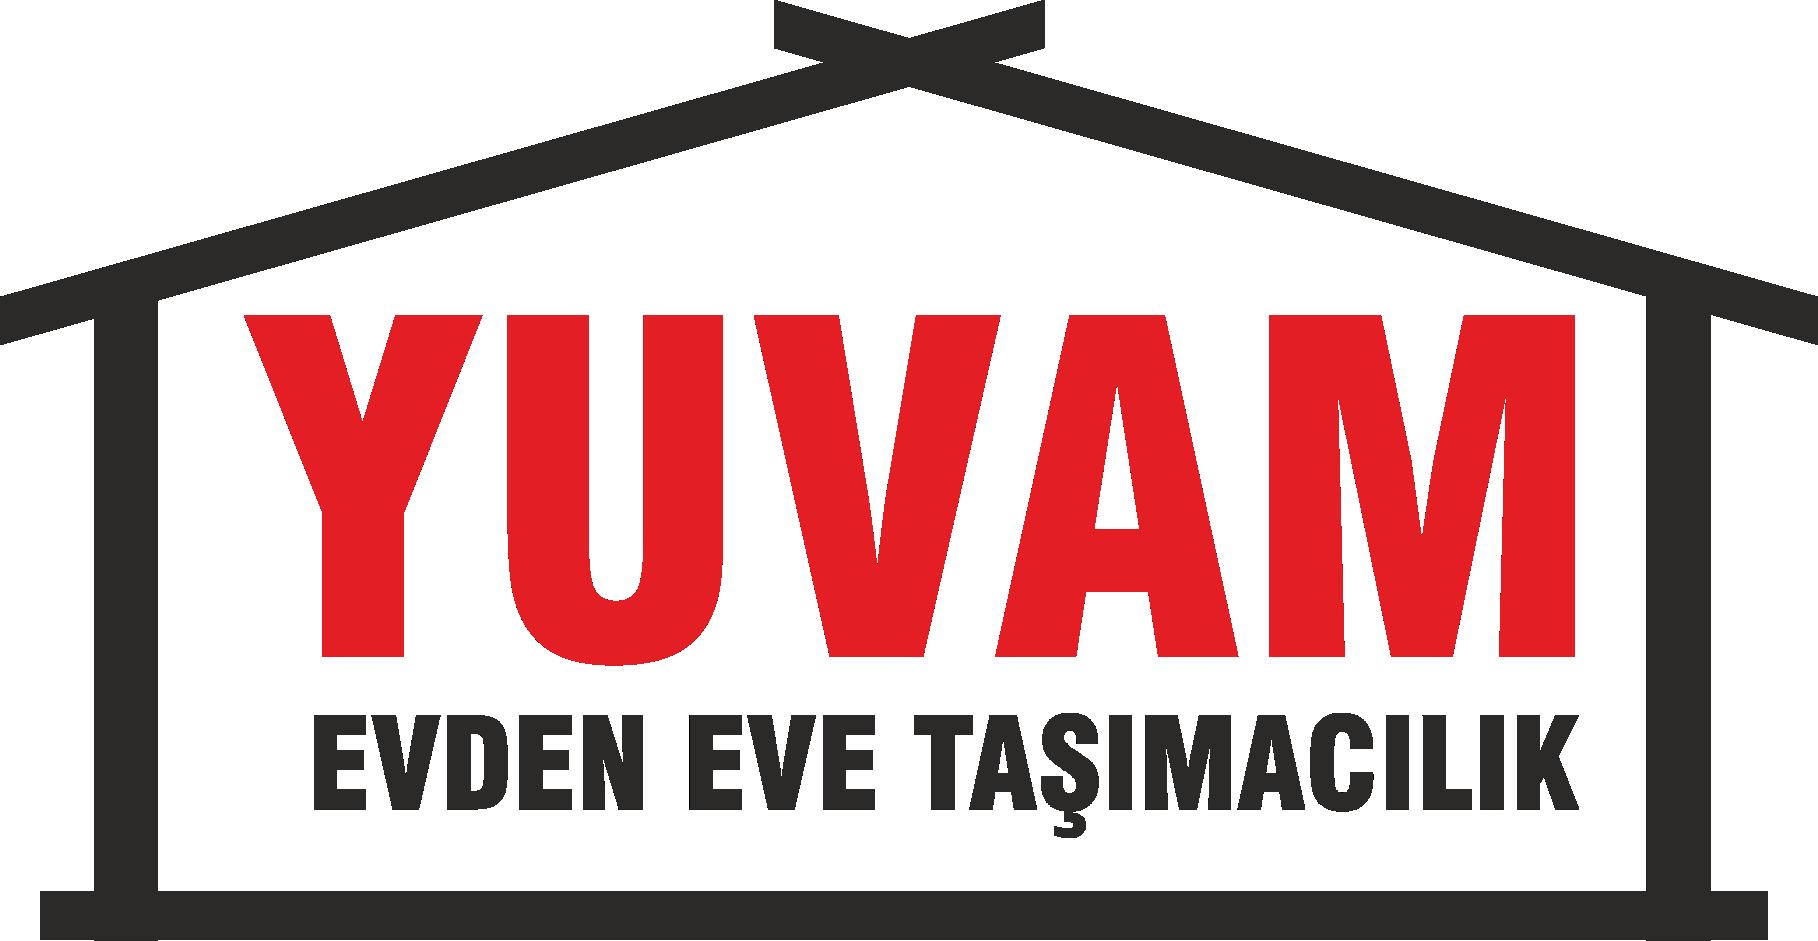 Gaziantep Yuvam Evden Eve Asansörlü Taşımacılık | 05428142034